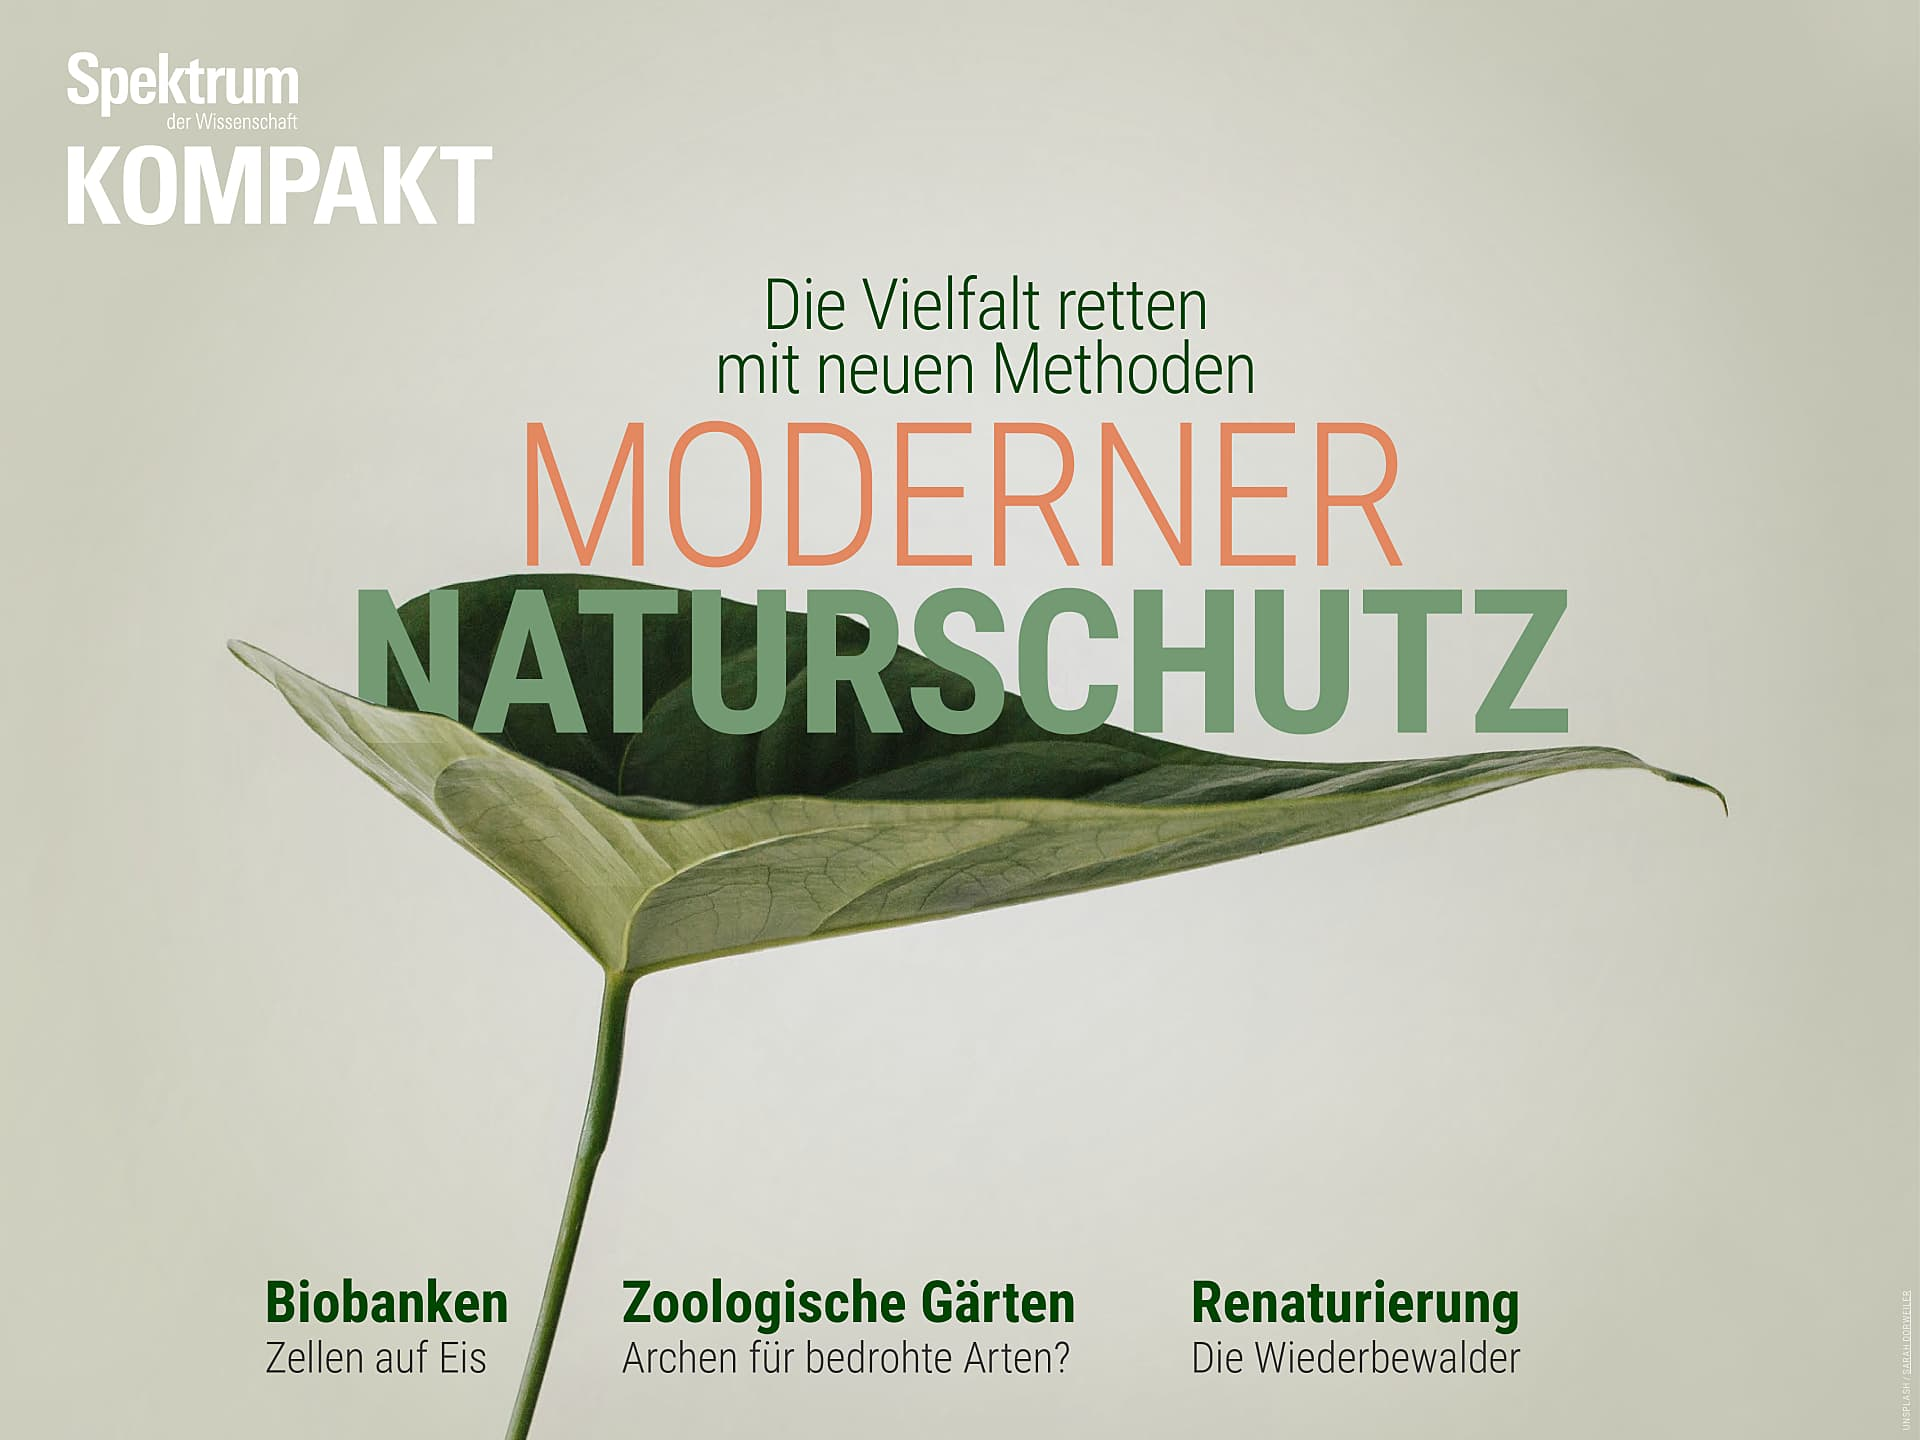 Moderner Naturschutz - Die Vielfalt retten mit neuen Methoden